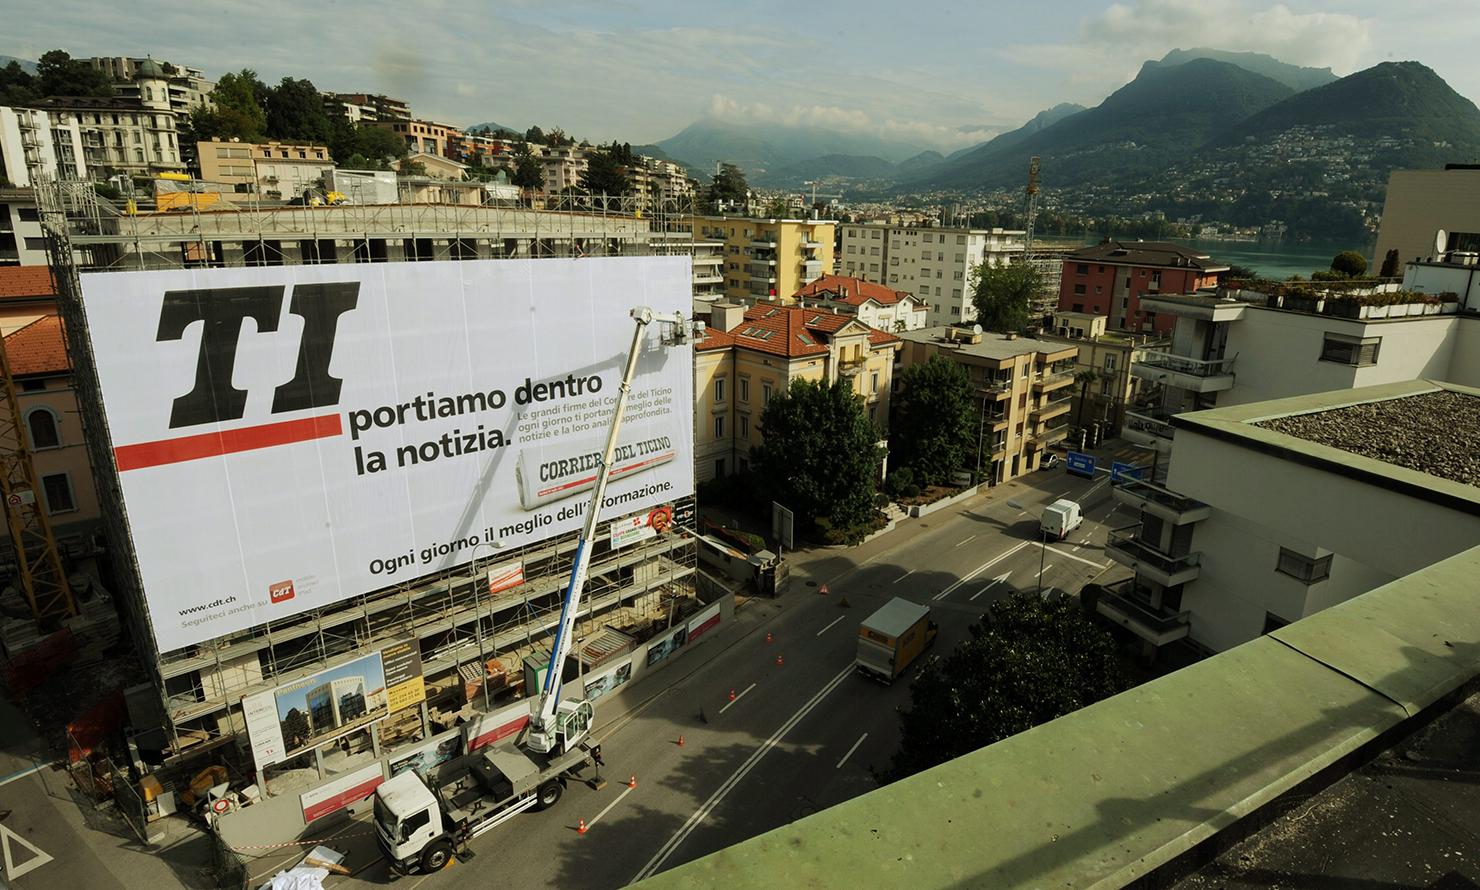 https://kubelibre.com/uploads/Slider-work-tutti-clienti/corriere-del-ticino-portiamo-dentro-la-notizia-1.jpg